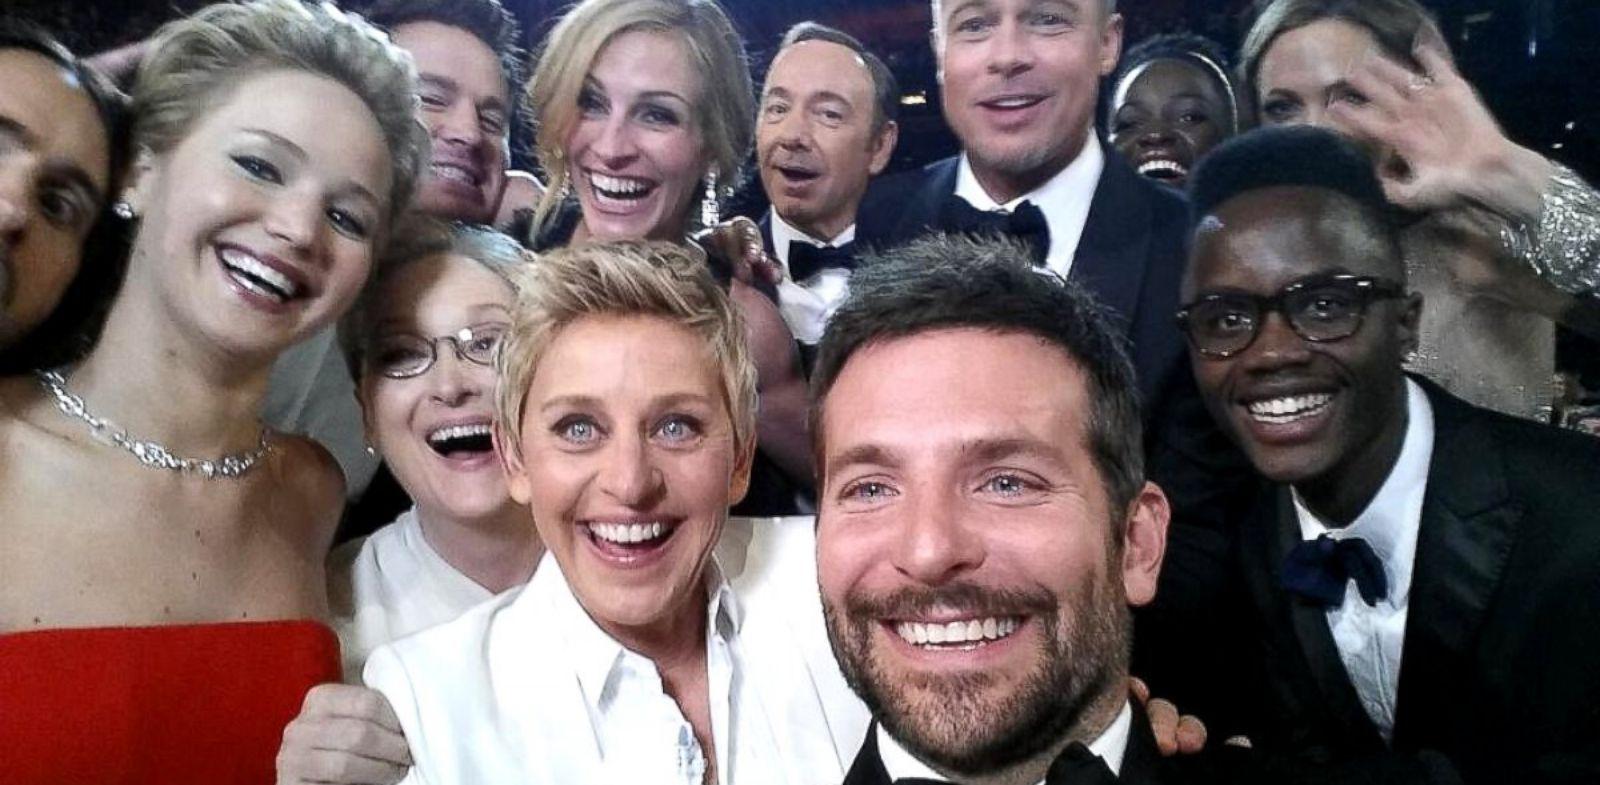 這張有名的照片就這樣誕生了...這張照片被上傳大Twitter後,在全球被轉發1470萬次...成為Twitter史上轉發最多的照片...☆